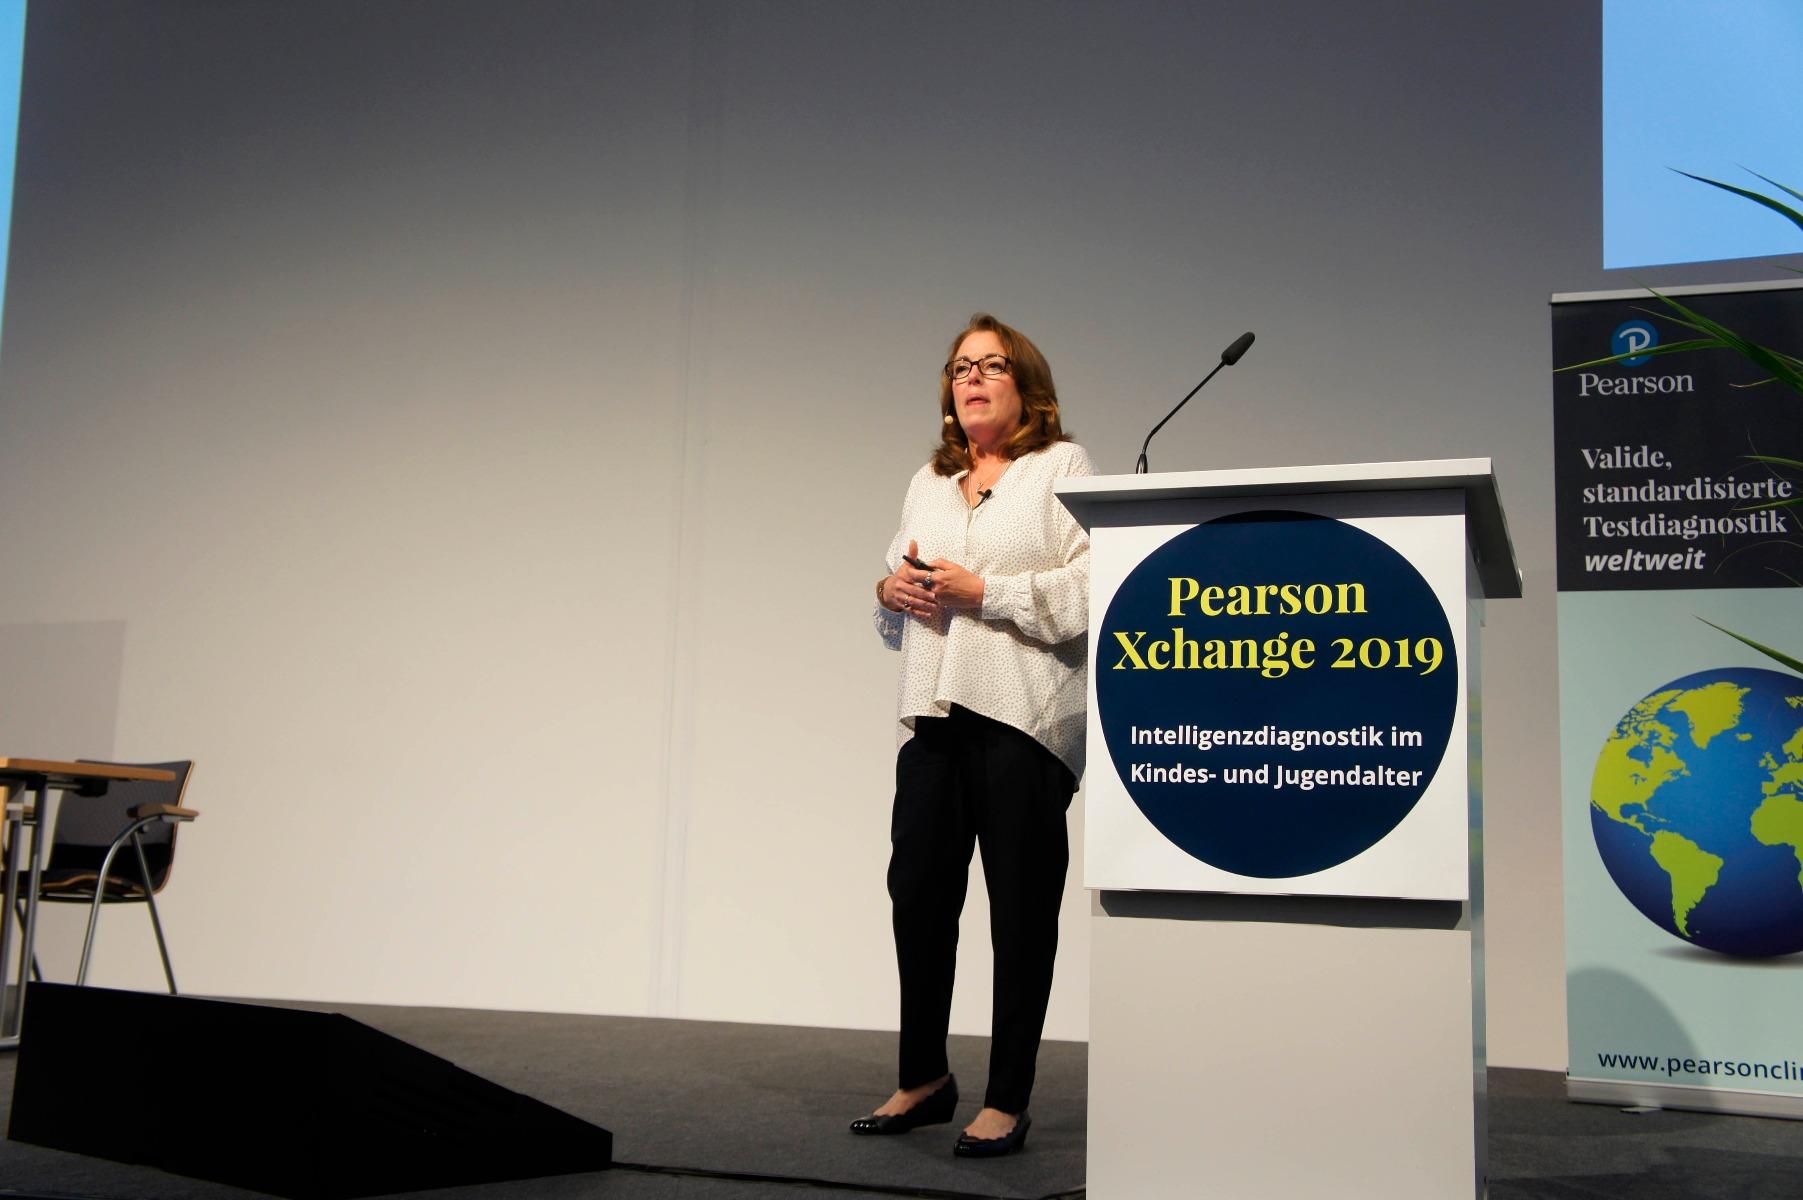 Dr. Dawn P. Flanagan auf der Pearson Xchange 2019